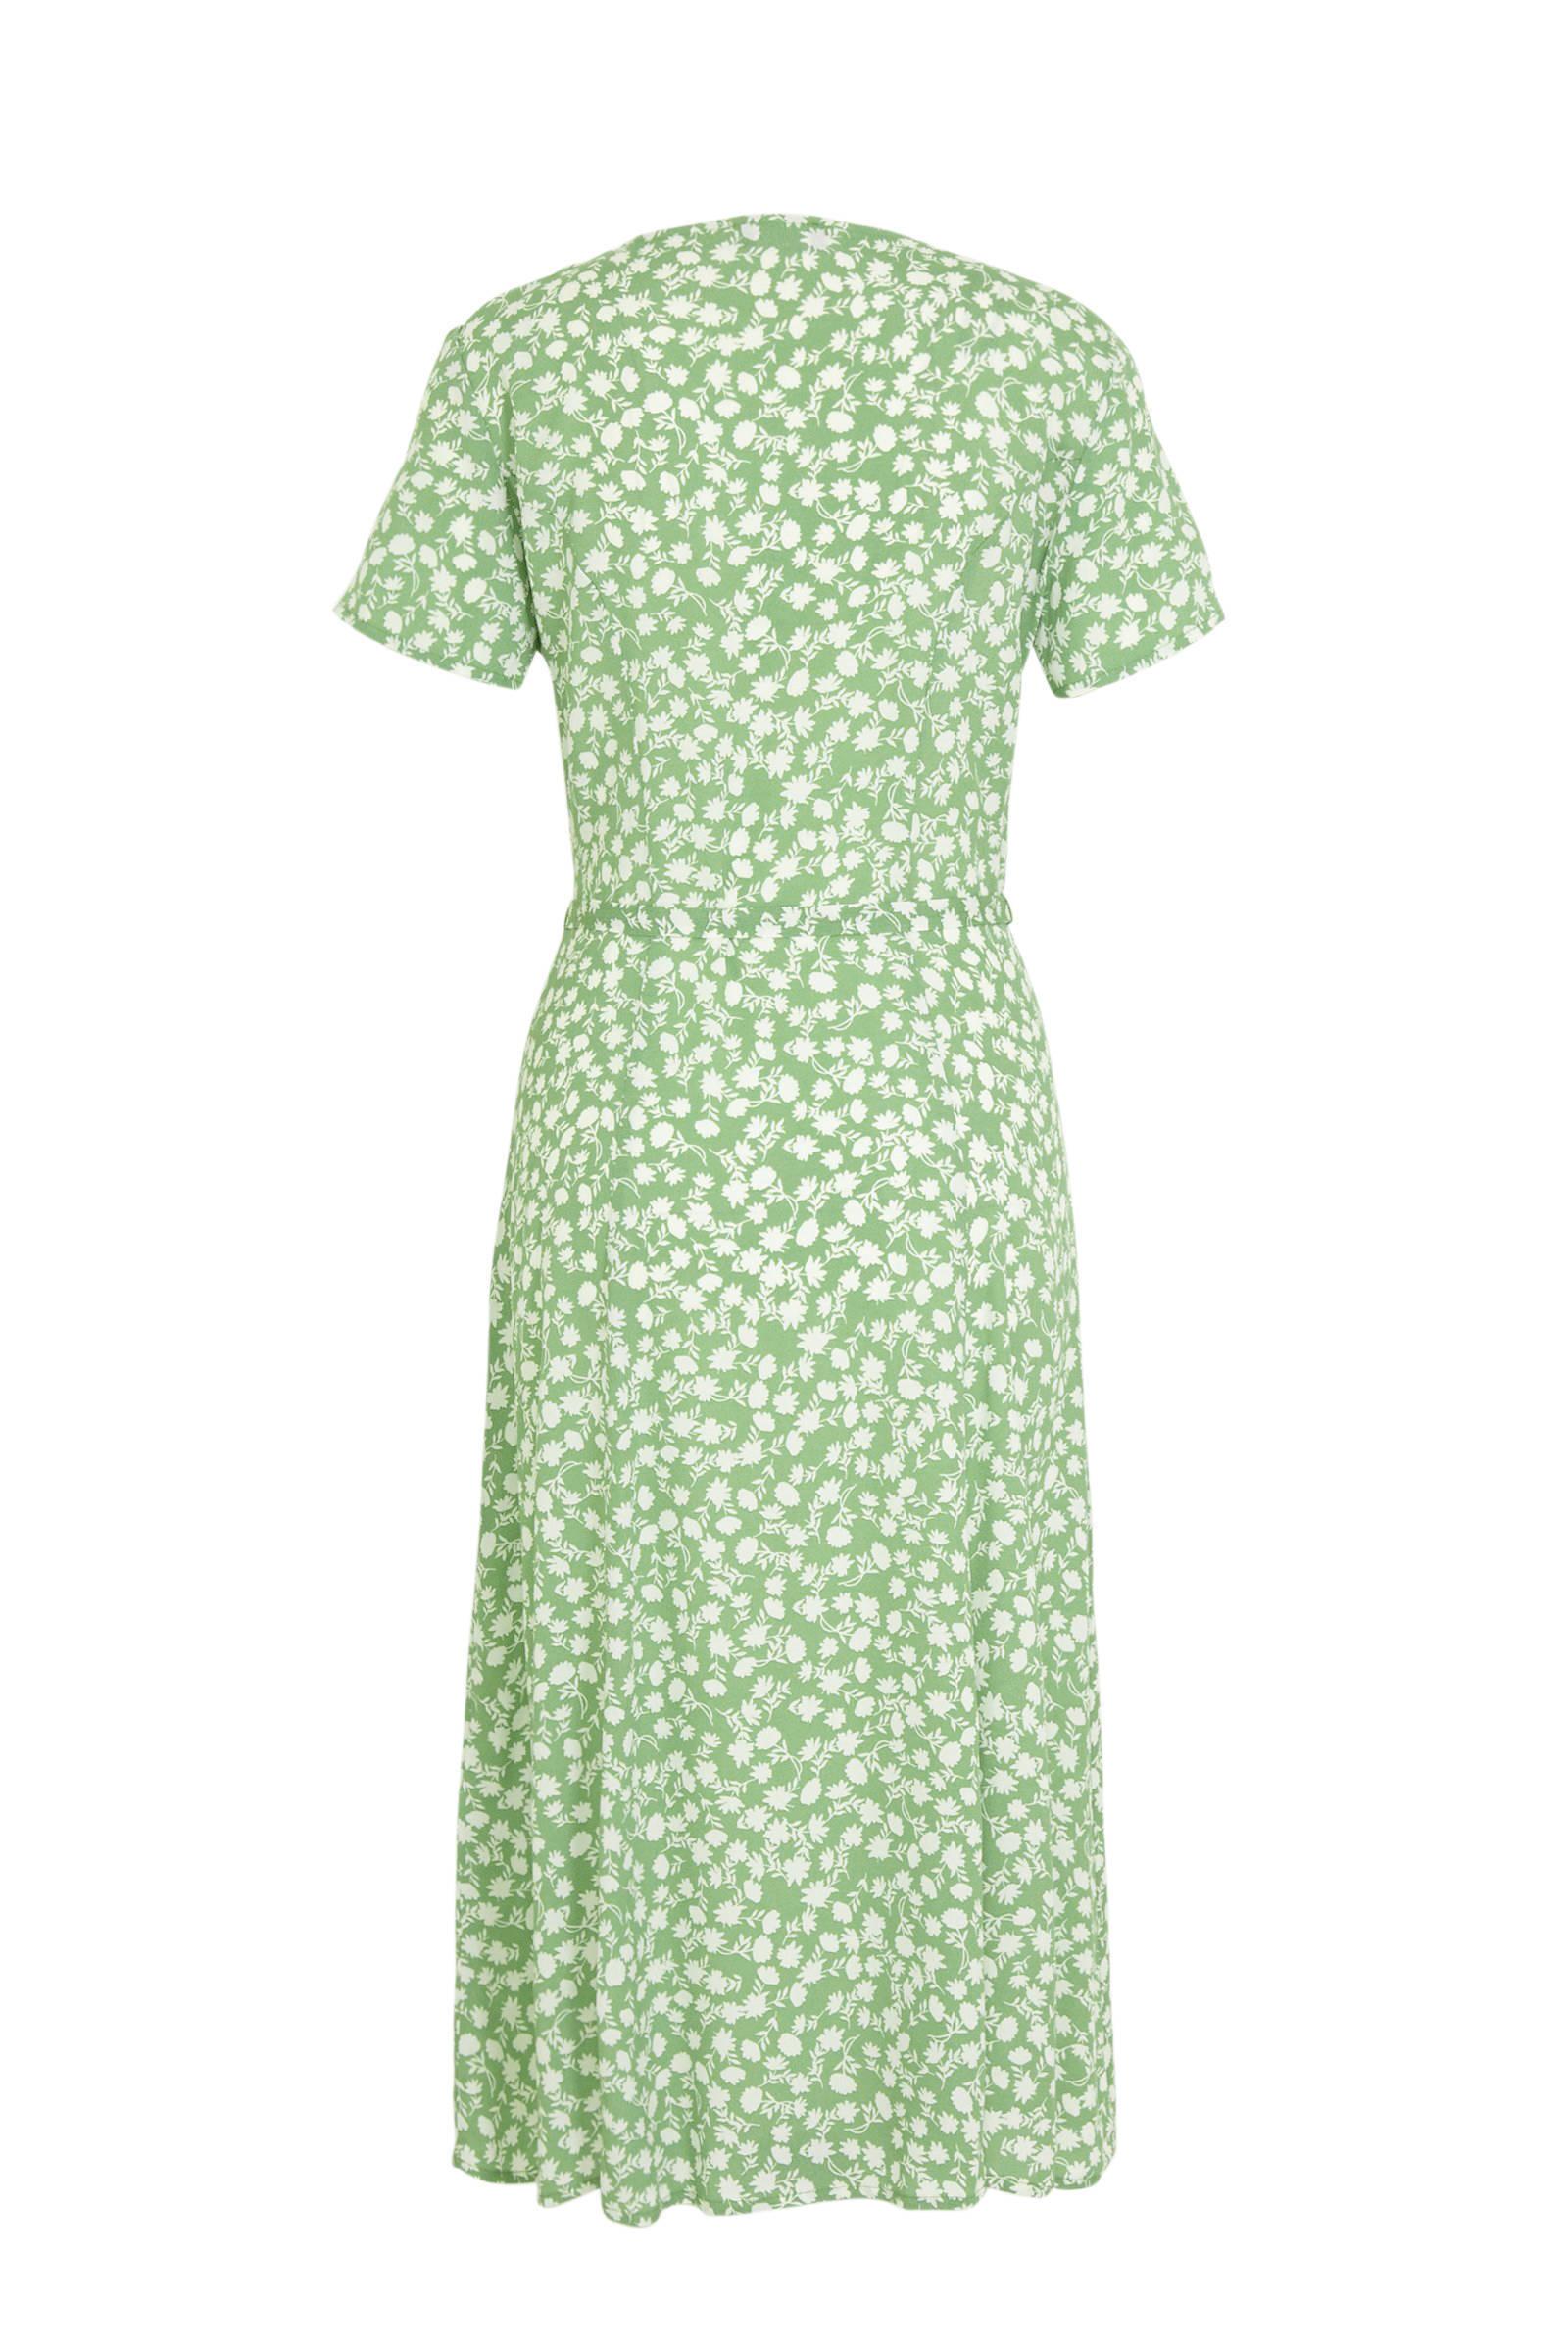 C&A Yessica gebloemde jersey jurk mintgroen